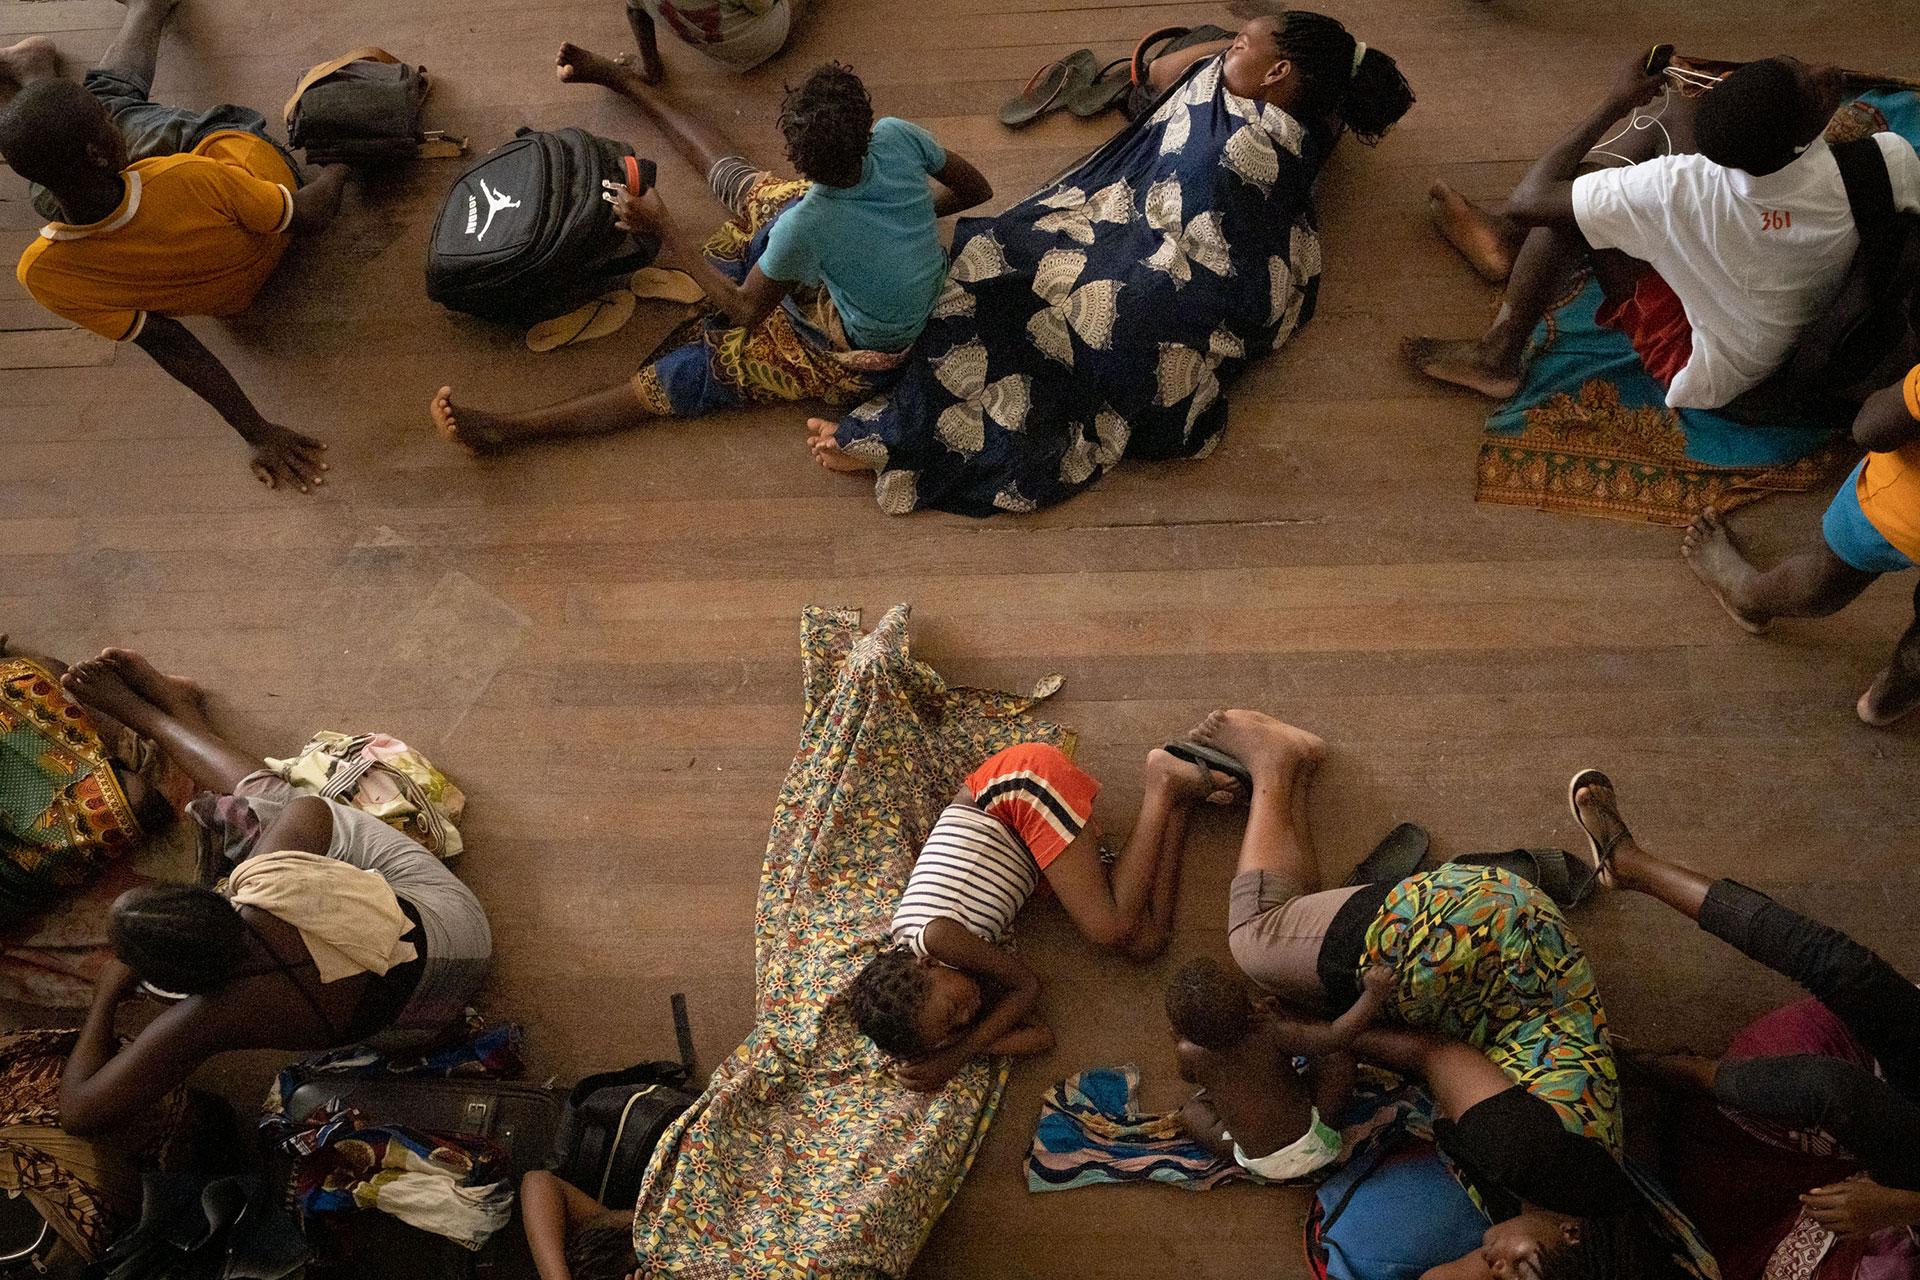 La ayuda humanitaria corre contrarreloj para evacuar a los sobrevivientes en Mozambique, Zimbabwe y Malawi, en el sur de África, golpeados por el peor ciclón de la región en años (Foto: Yasuyoshi CHIBA / AFP)